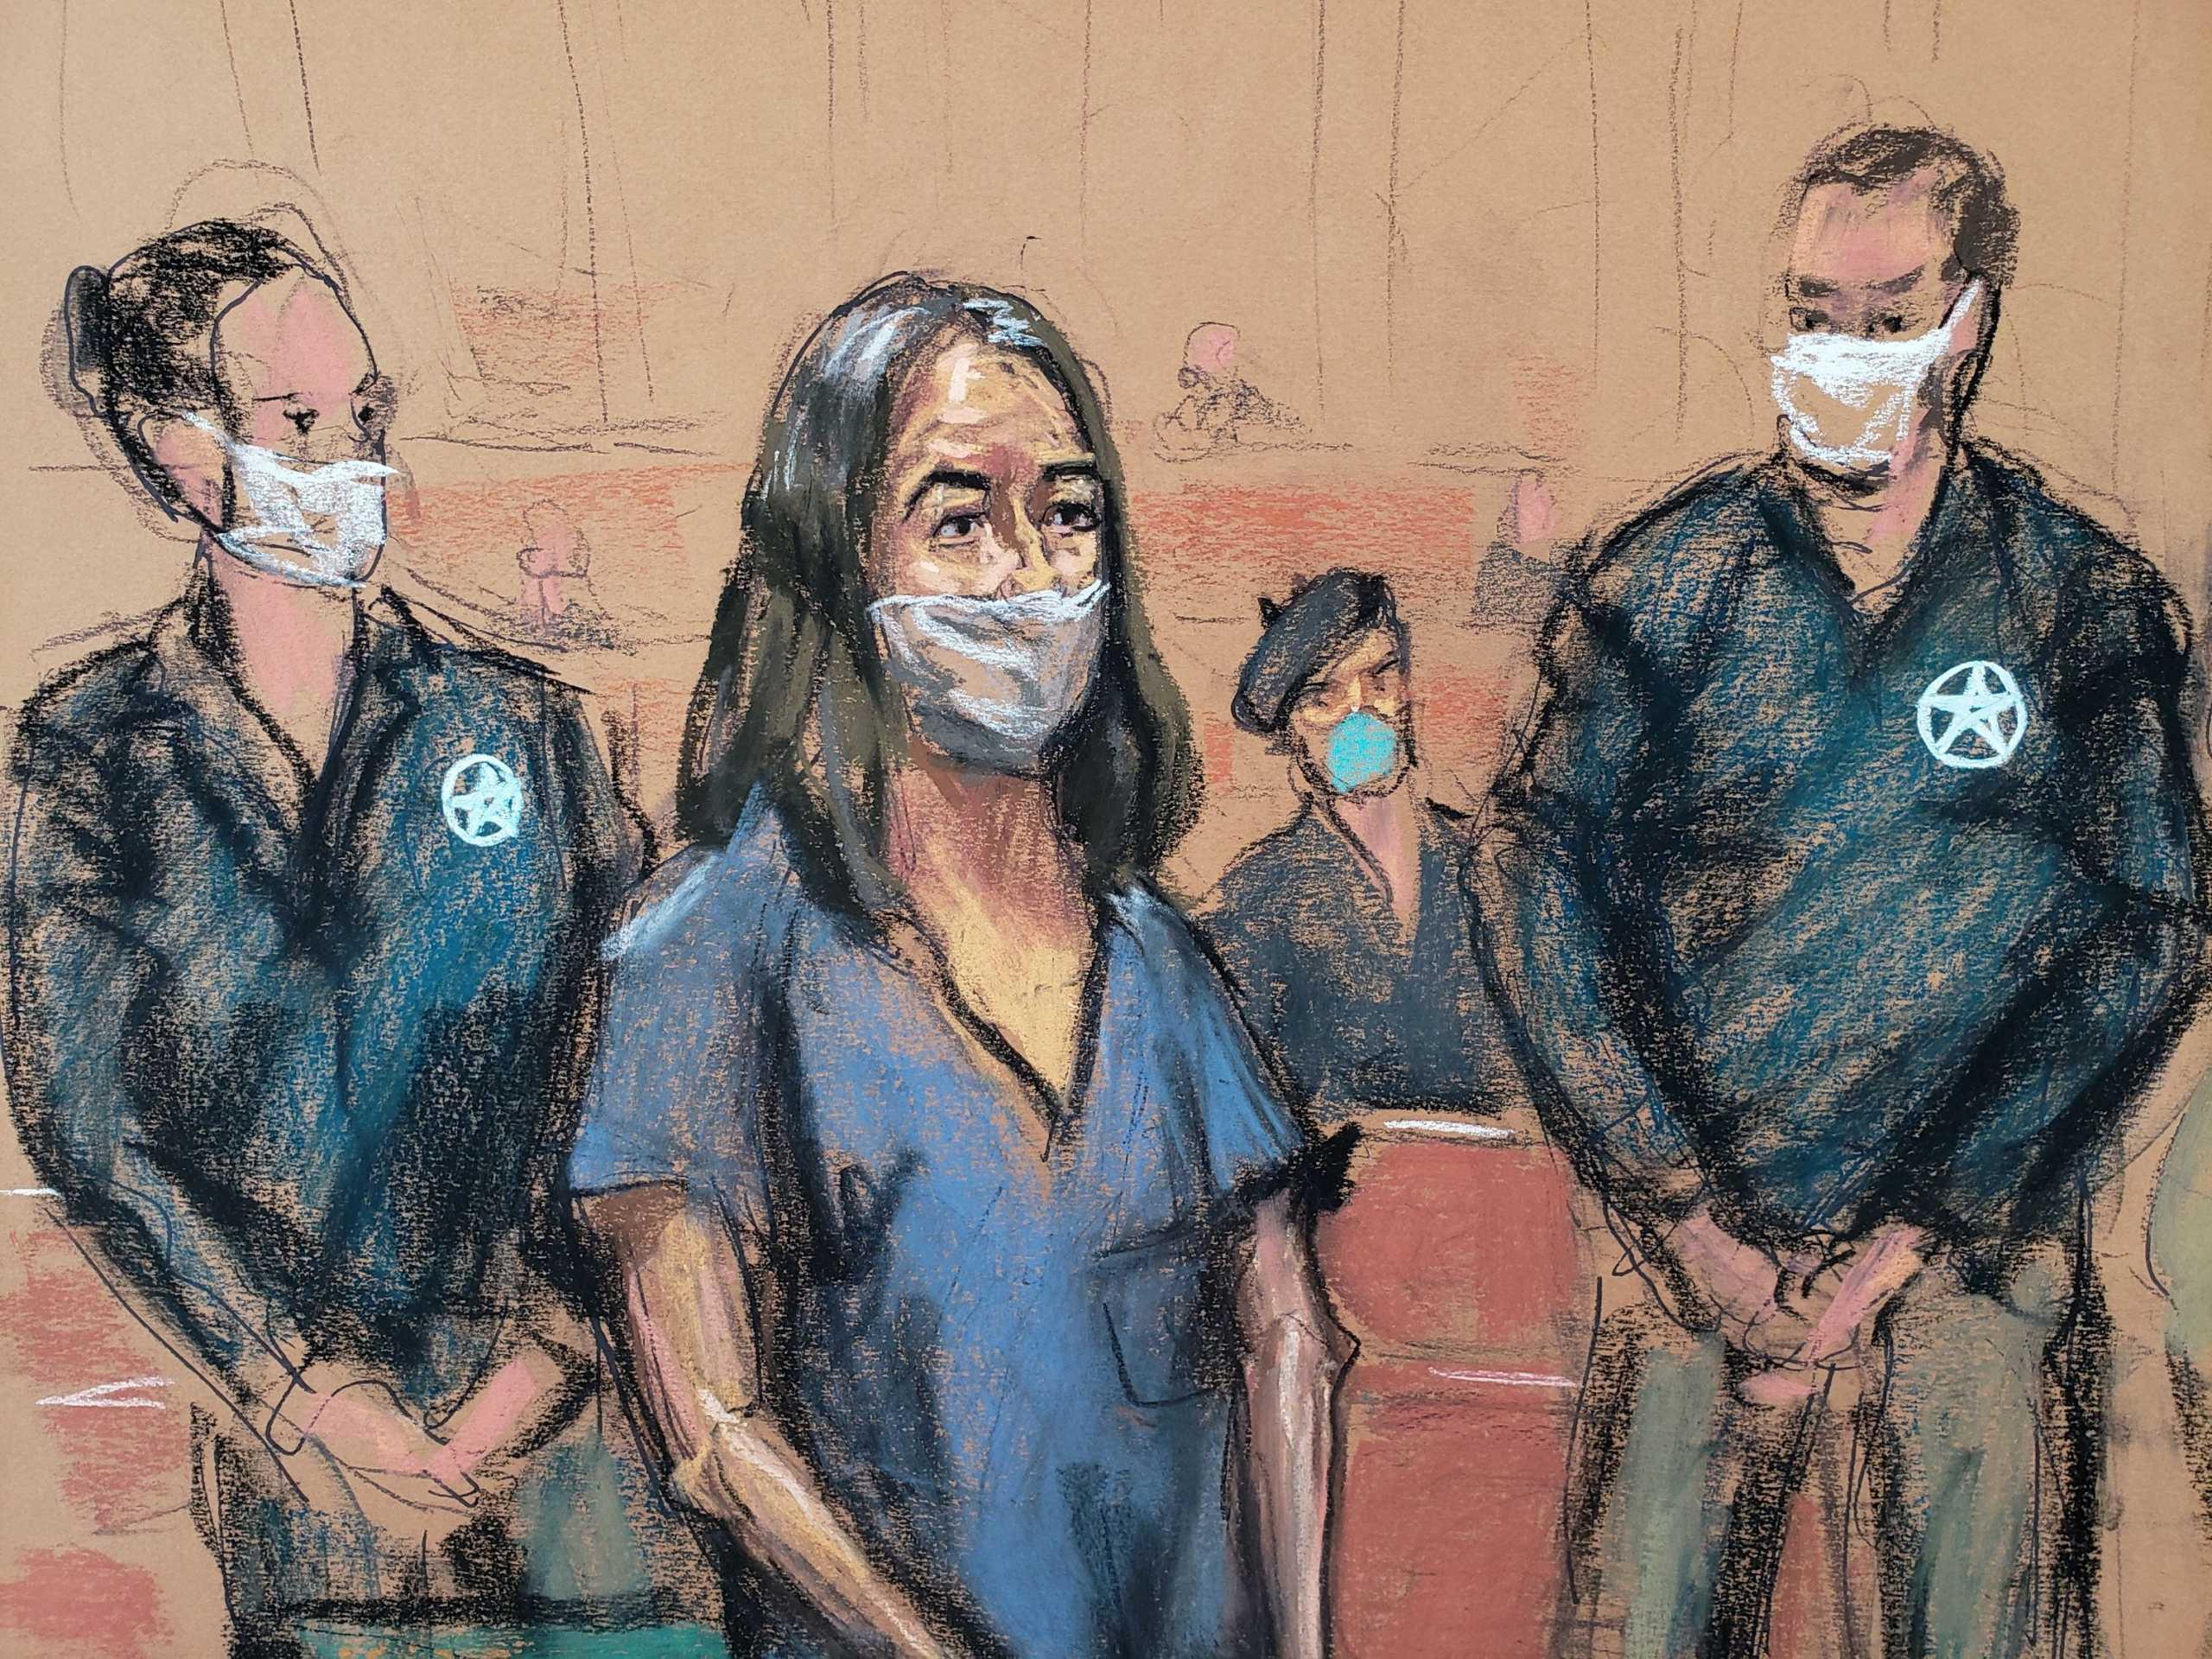 ΗΠΑ: Αθώα δηλώνει η Γκισλέιν Μάξγουελ στη νέα κατηγορία για σωματεμπορία ανηλίκου